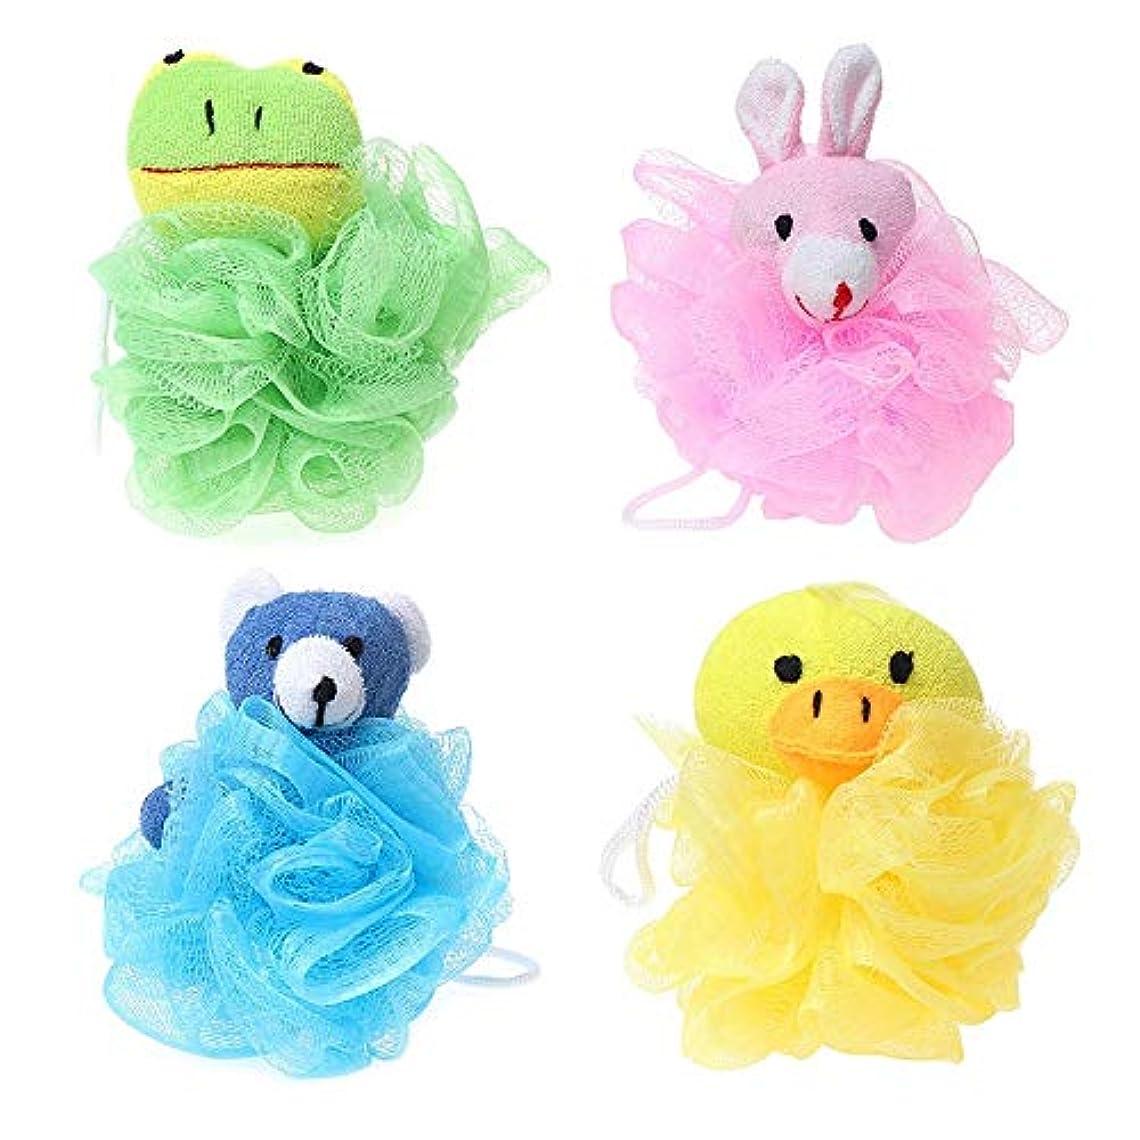 ガラスペチュランス非アクティブTOOGOO 子供用おもちゃクッションパフメッシュぬいぐるみ付き(4パック)カエル、アヒル、ウサギ、クマ